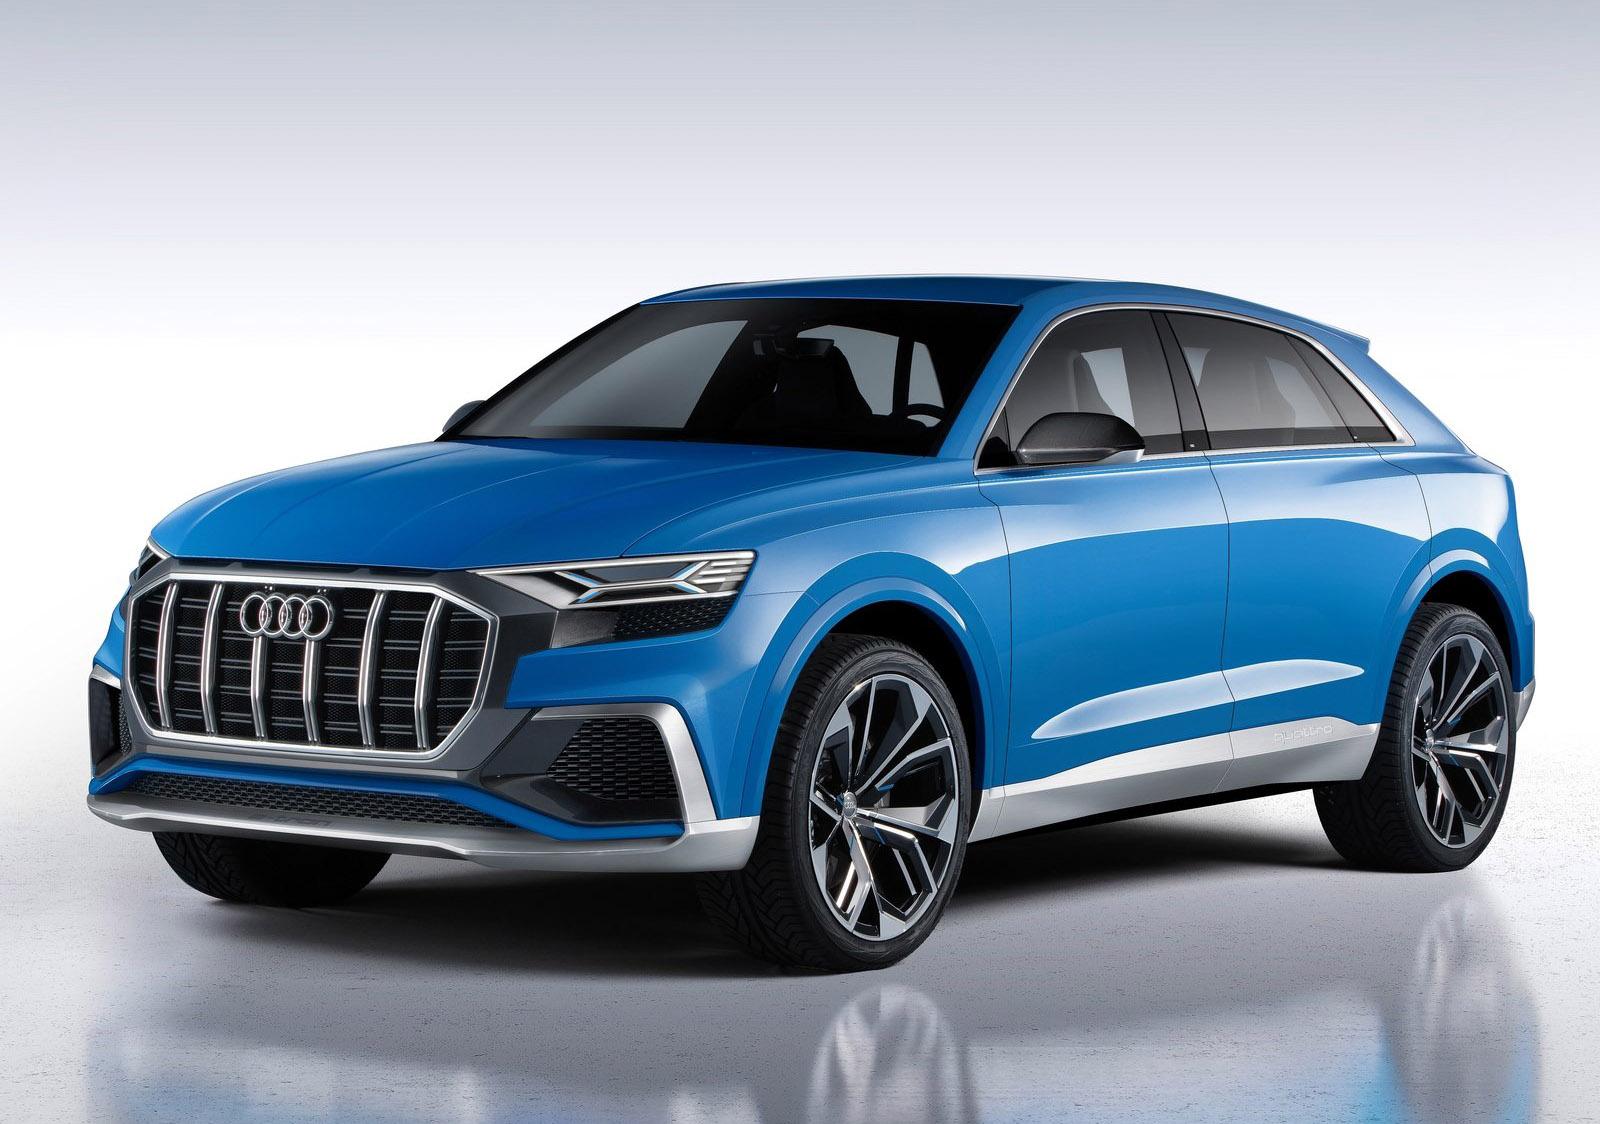 Audi-Q8_Concept-2017-1600-08 Audi Suv Price